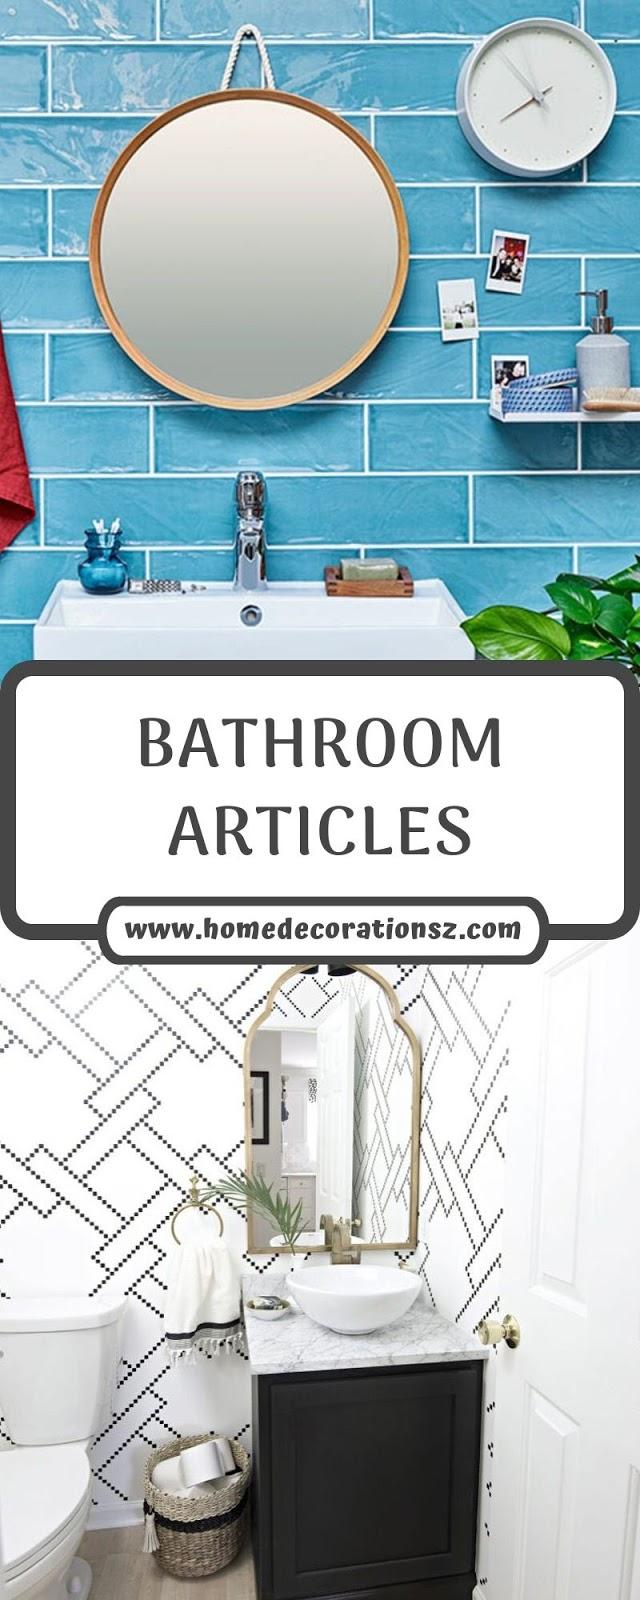 BATHROOM ARTICLES